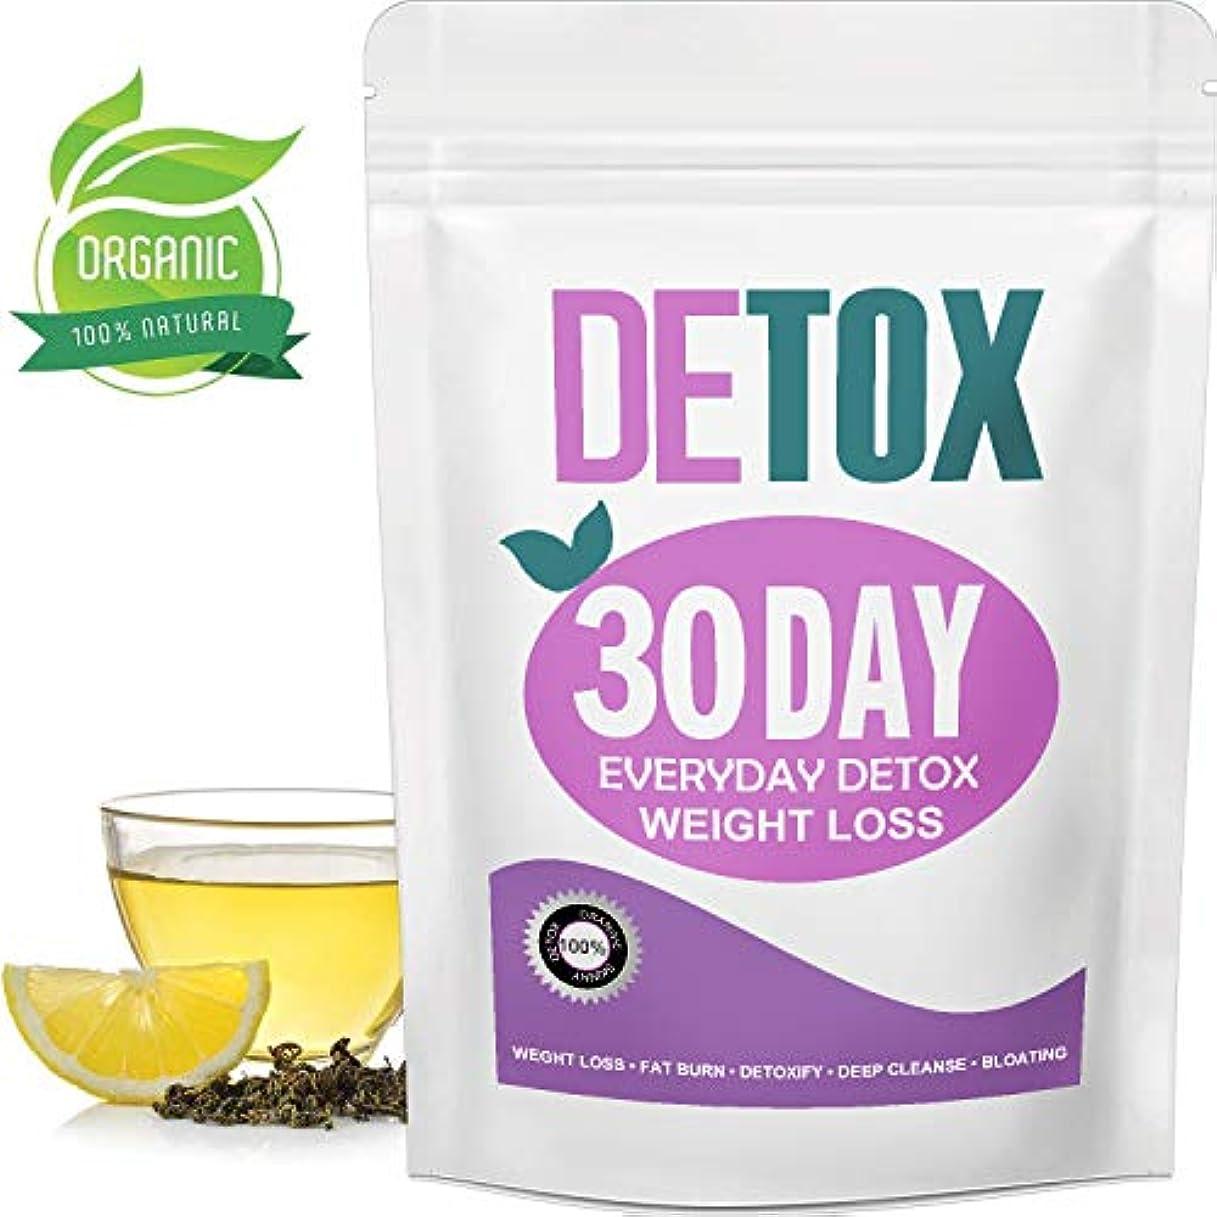 成功した時々時々避けられない痩身茶 ハーブティー 天然ダイエット飲料 痩身コンディショニング茶 (30日)